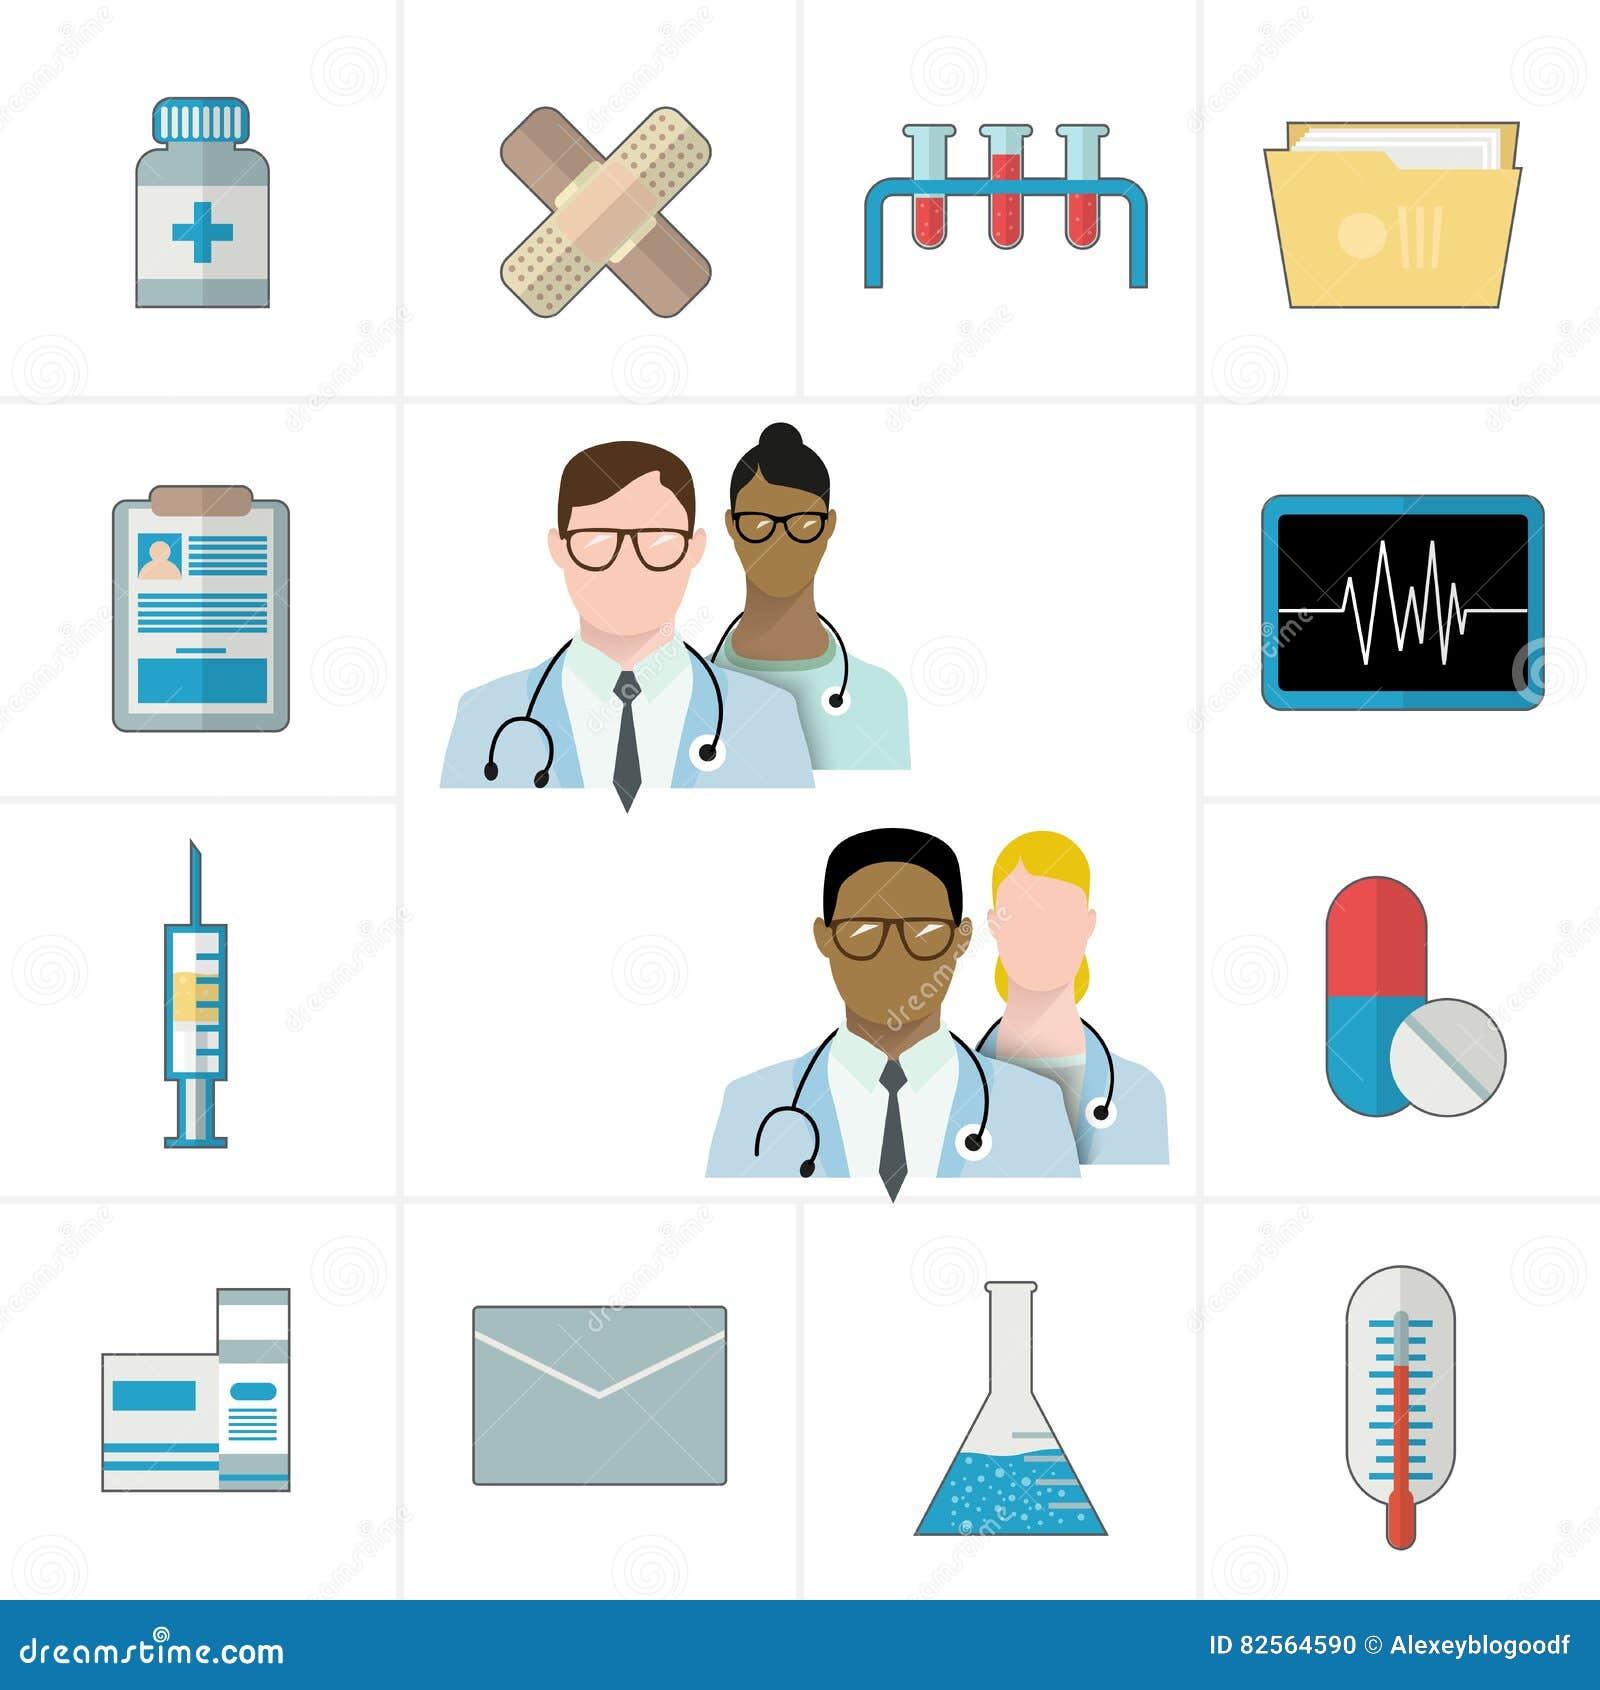 Icone mediche e farmaceutiche o di pharma Termometro, compresse e pillole, droga, cardiogramma, siringa, cartella e documenti